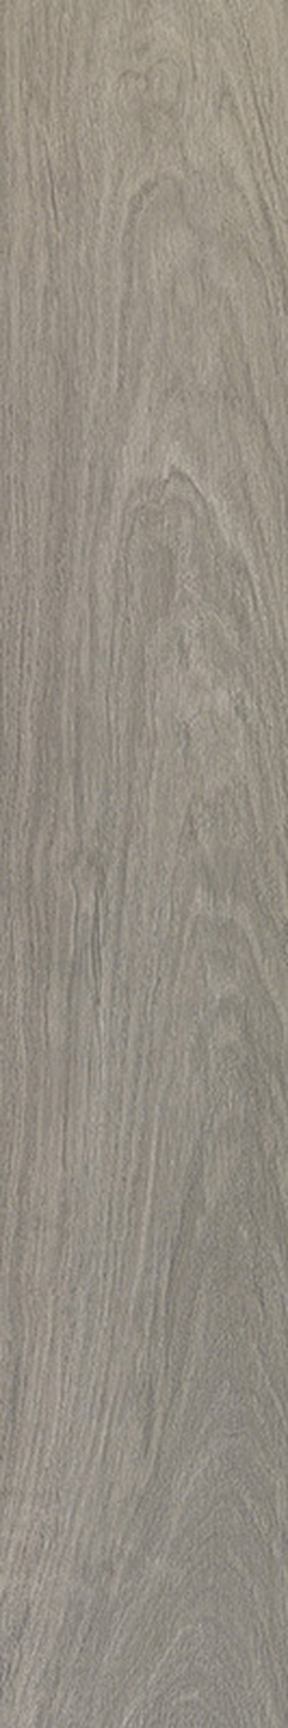 Barley Floor/Wall Tile 8x48